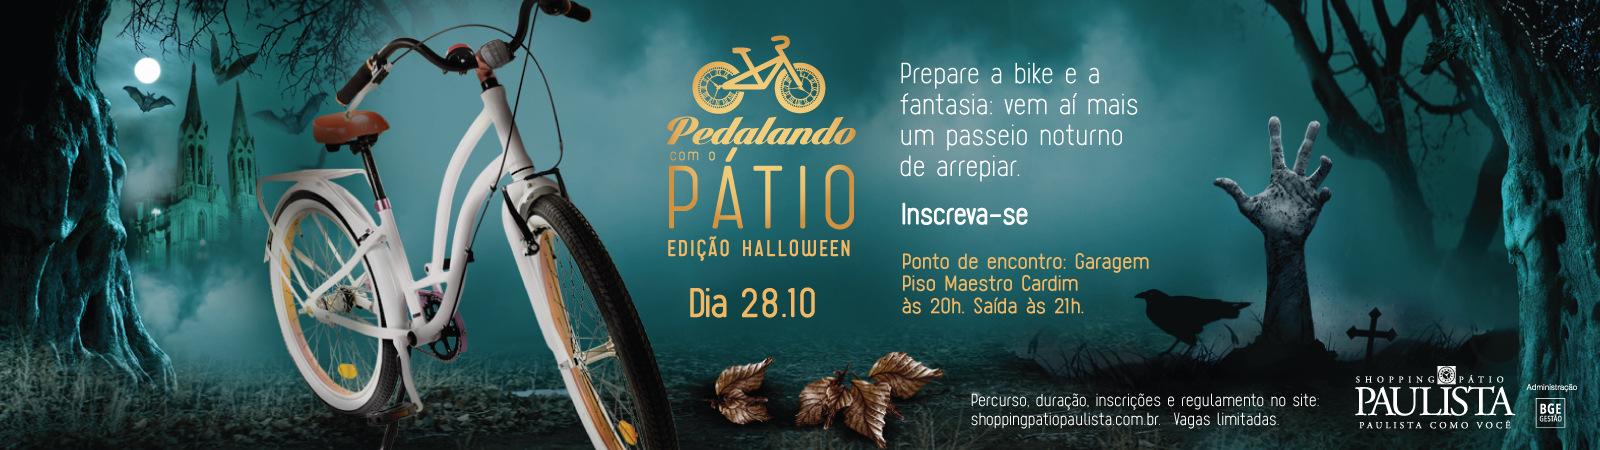 9º PEDALANDO COM O PÁTIO - EDIÇÃO HALLOWEEN  - Imagem de topo